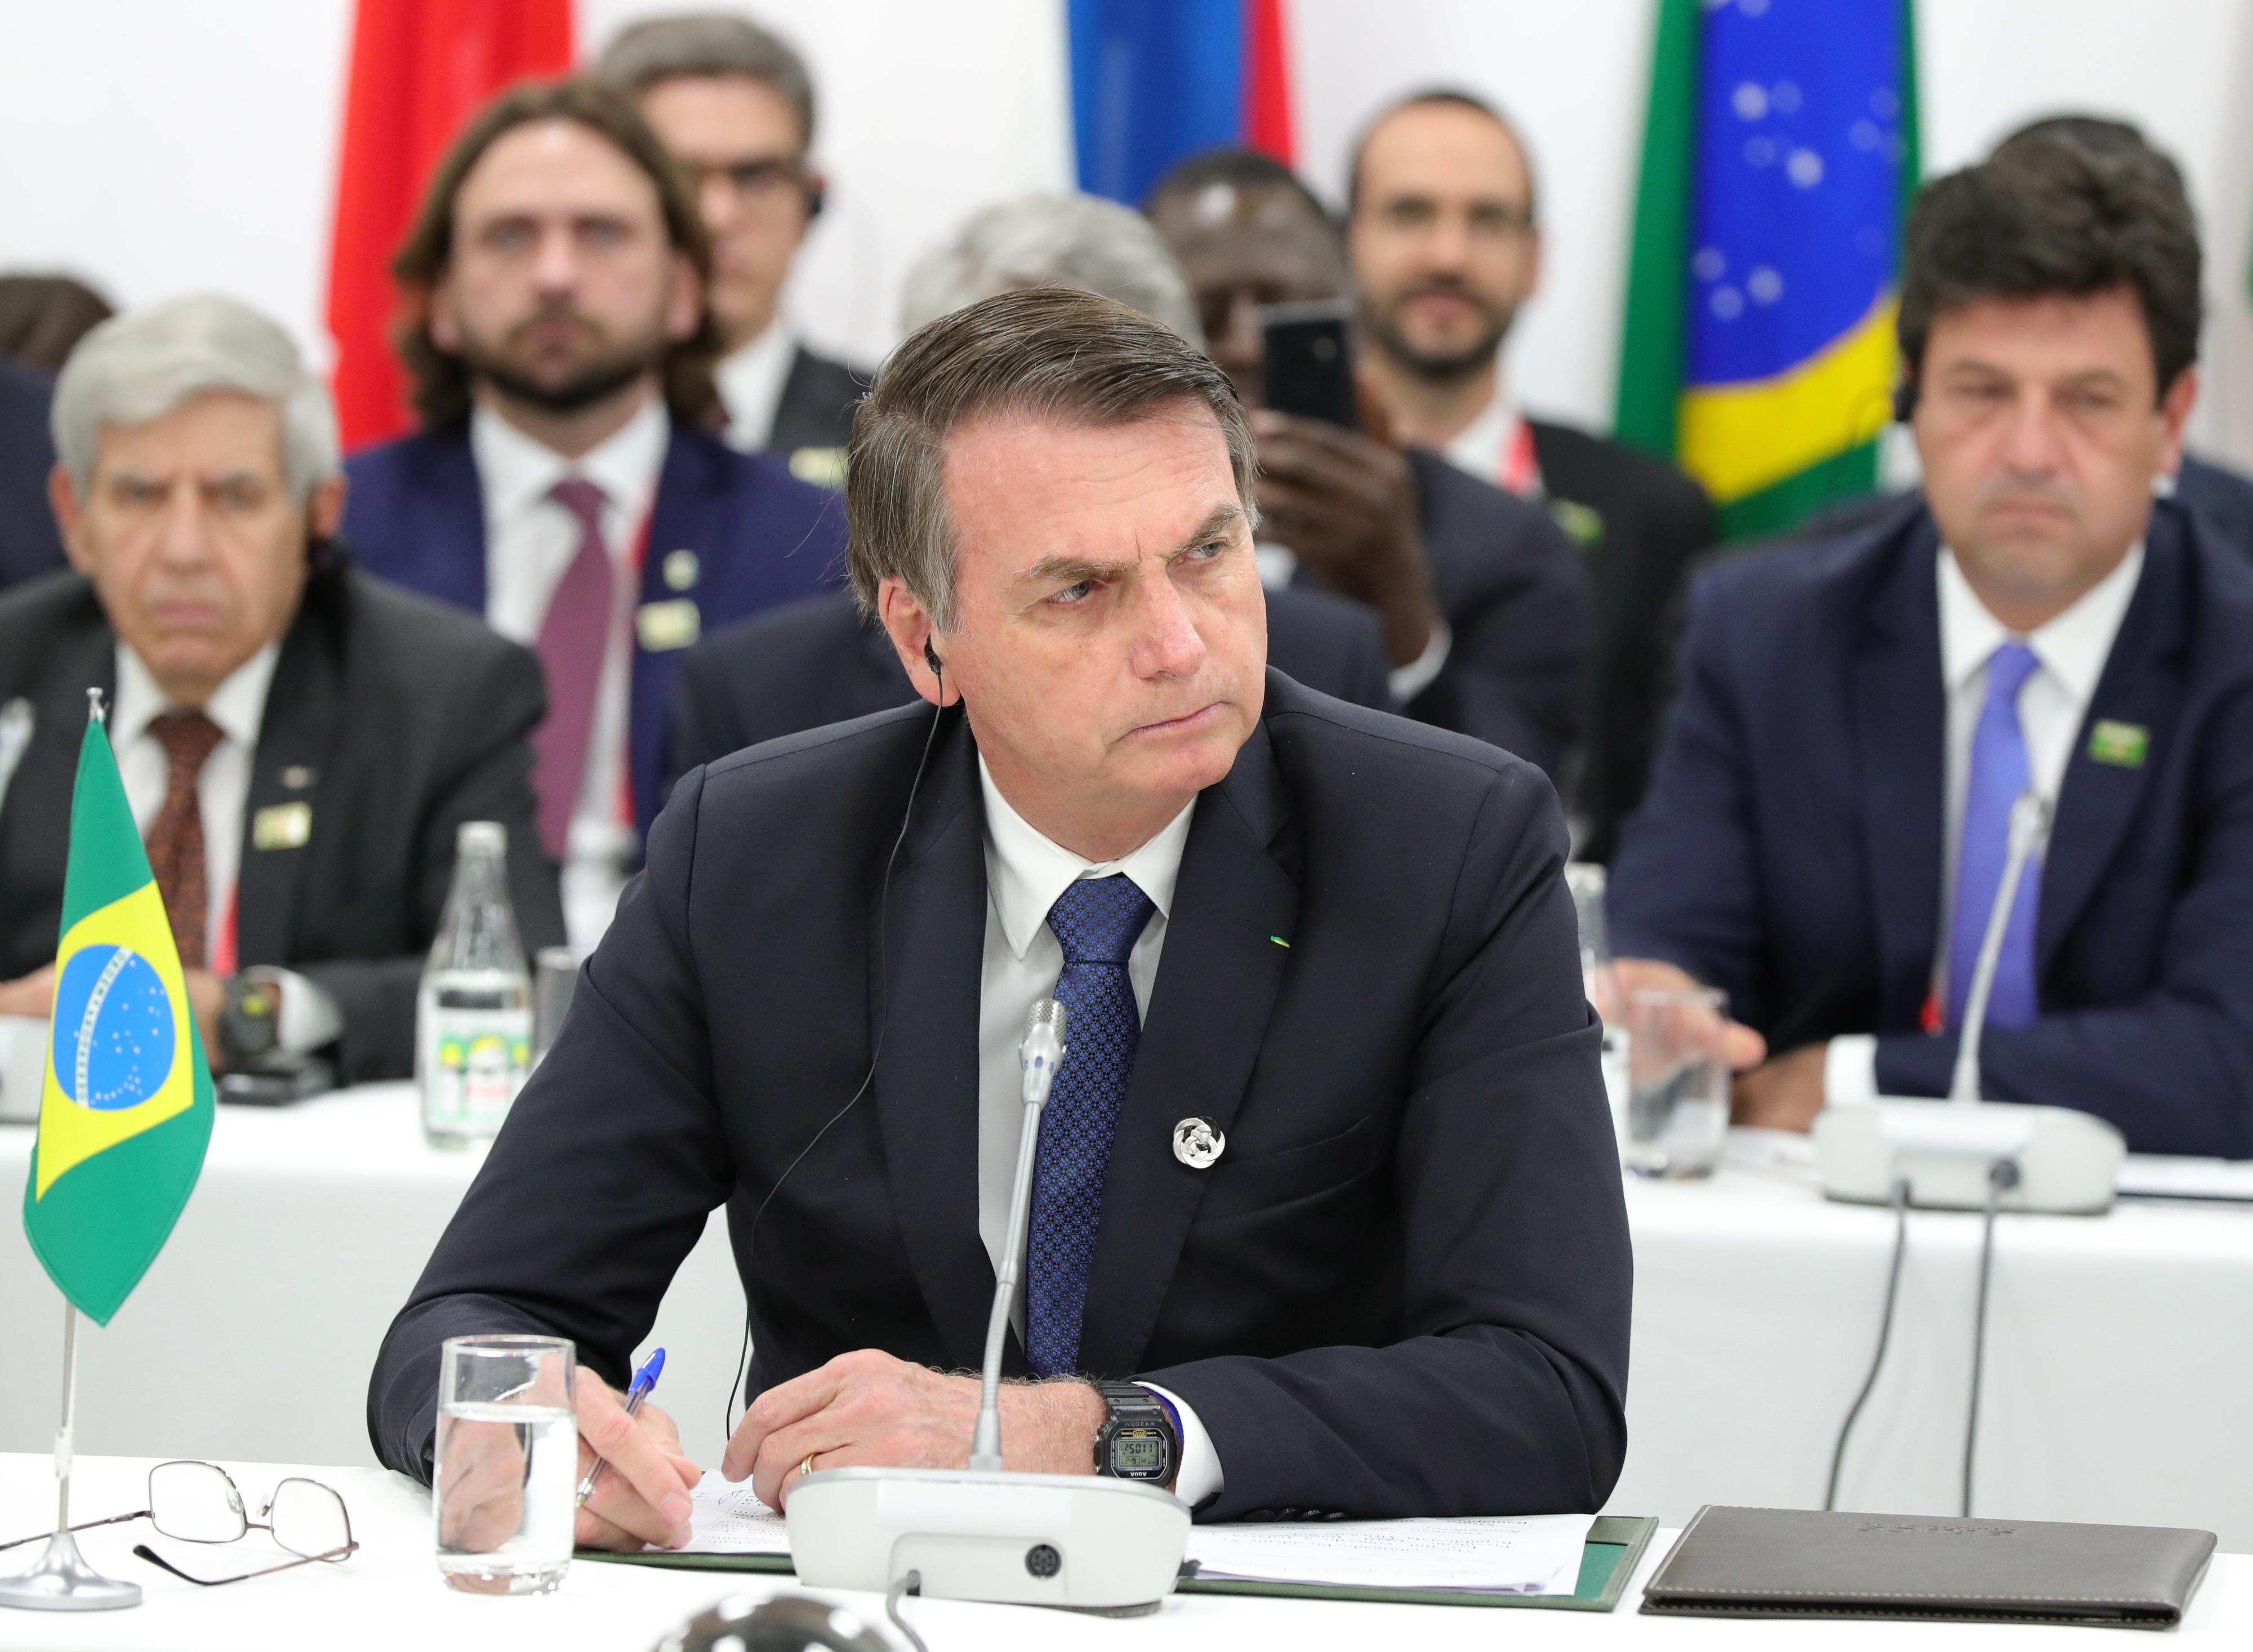 Bolsonaro promulga diploma que amplia posse de arma em propriedades rurais